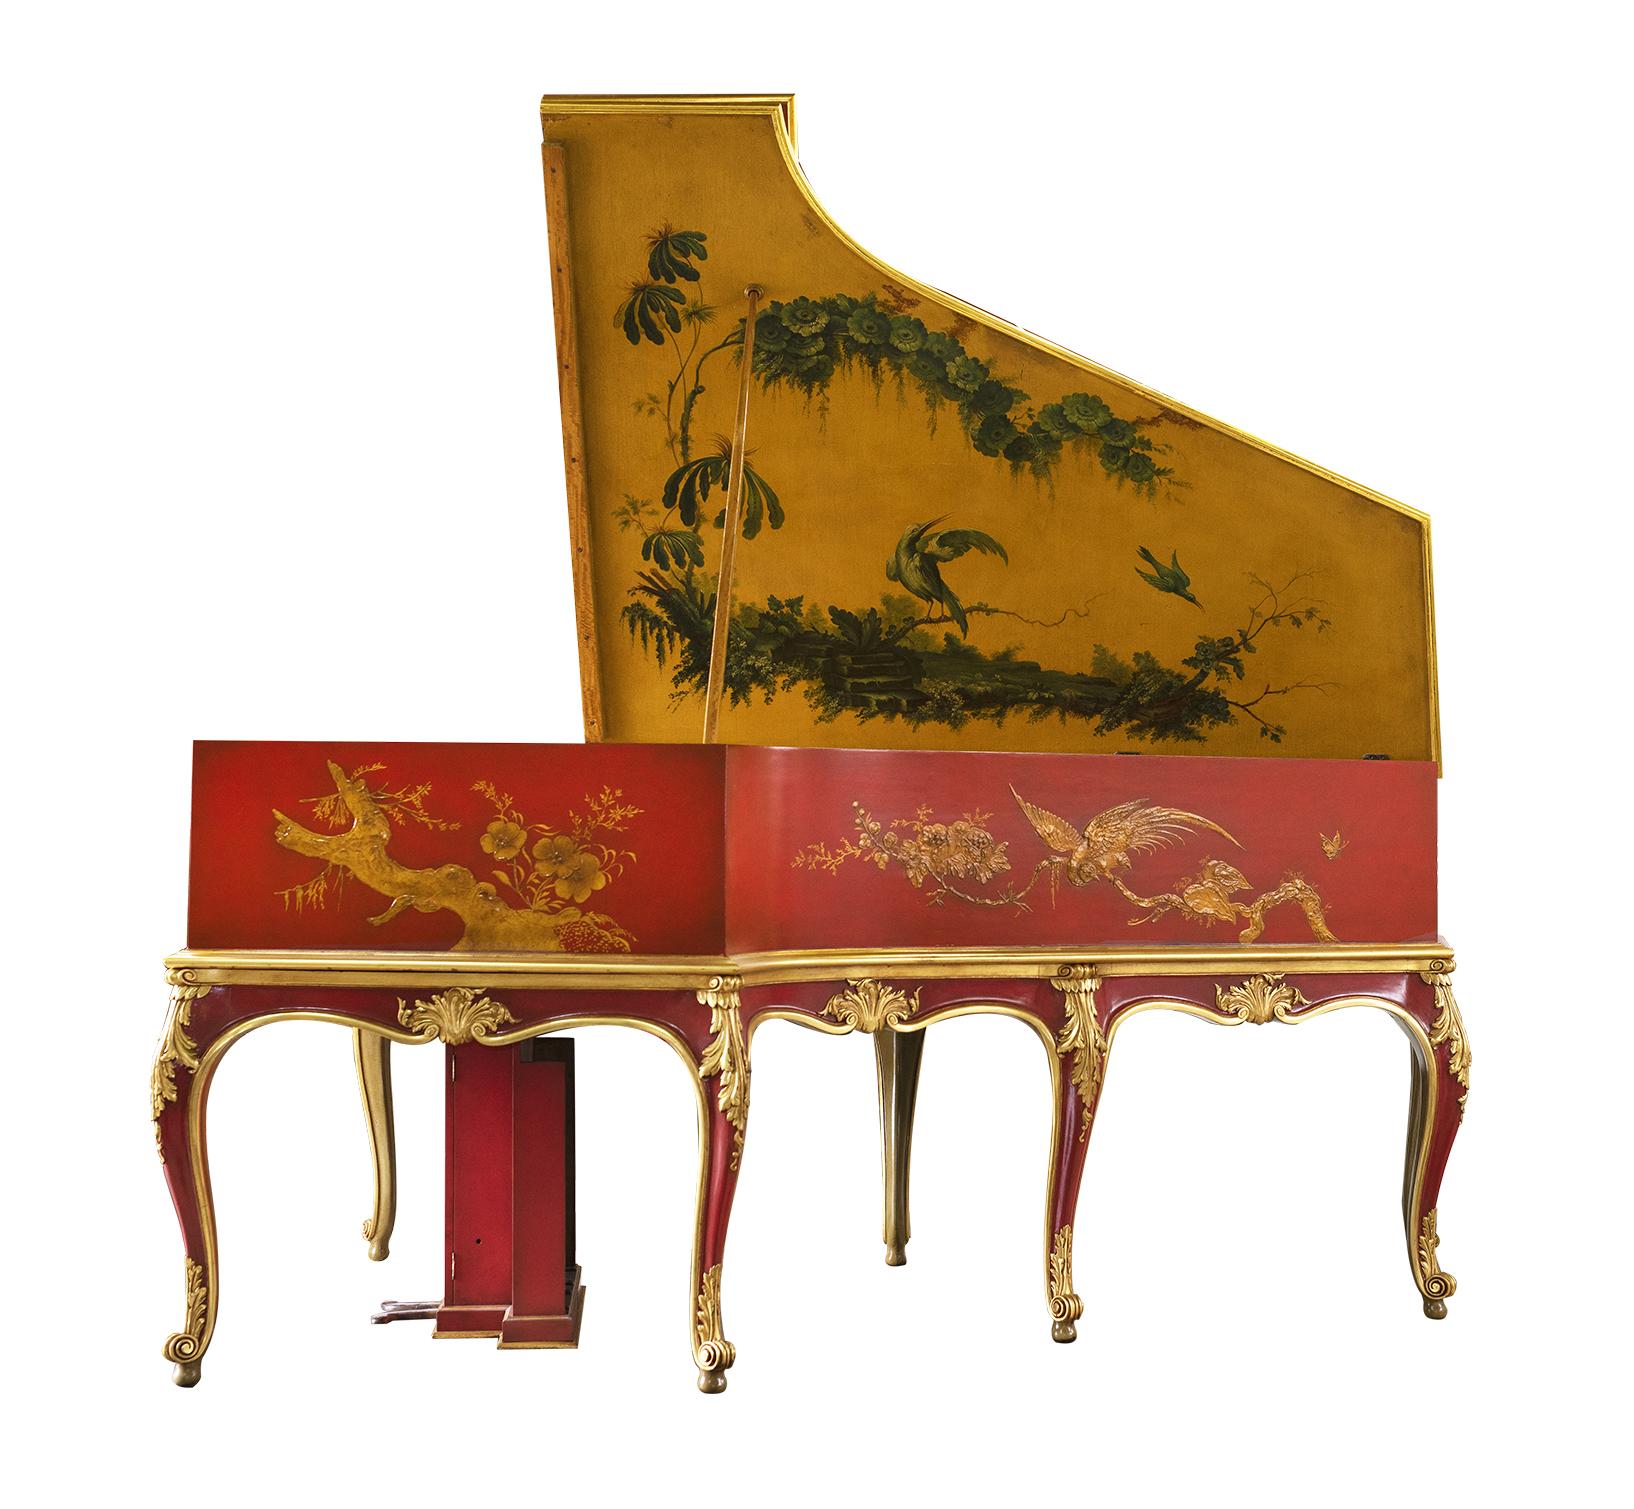 Pleyel grand piano, auto pleyela, Pleyel pianola ,art case piano